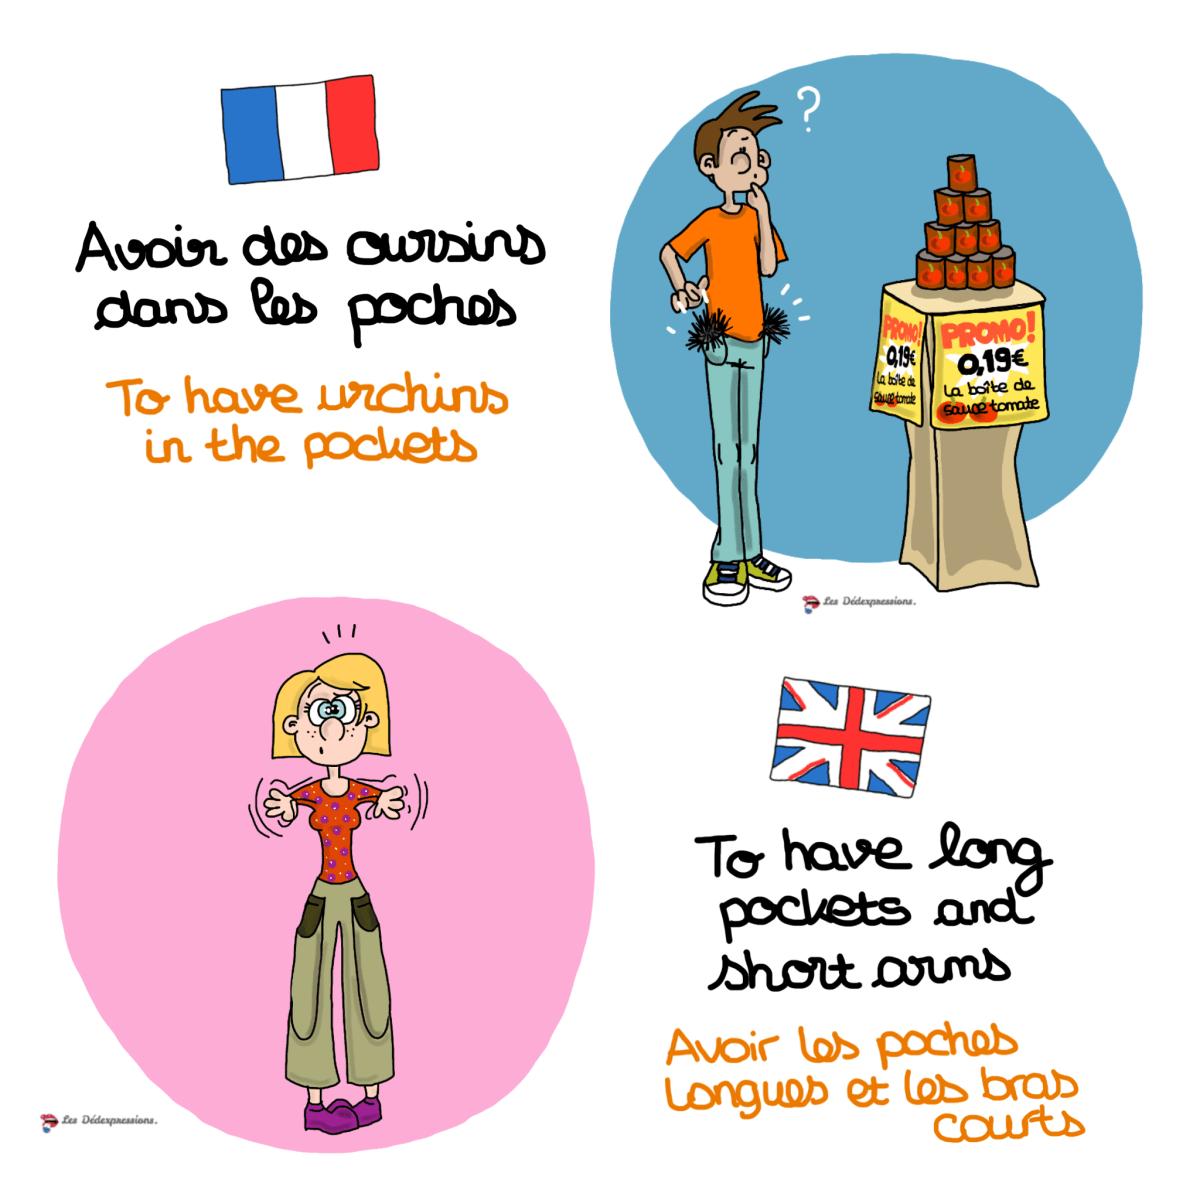 avoir_des_oursins_dans_les_poches_to_have_long_pockets_short_arms_les_dedexpressions